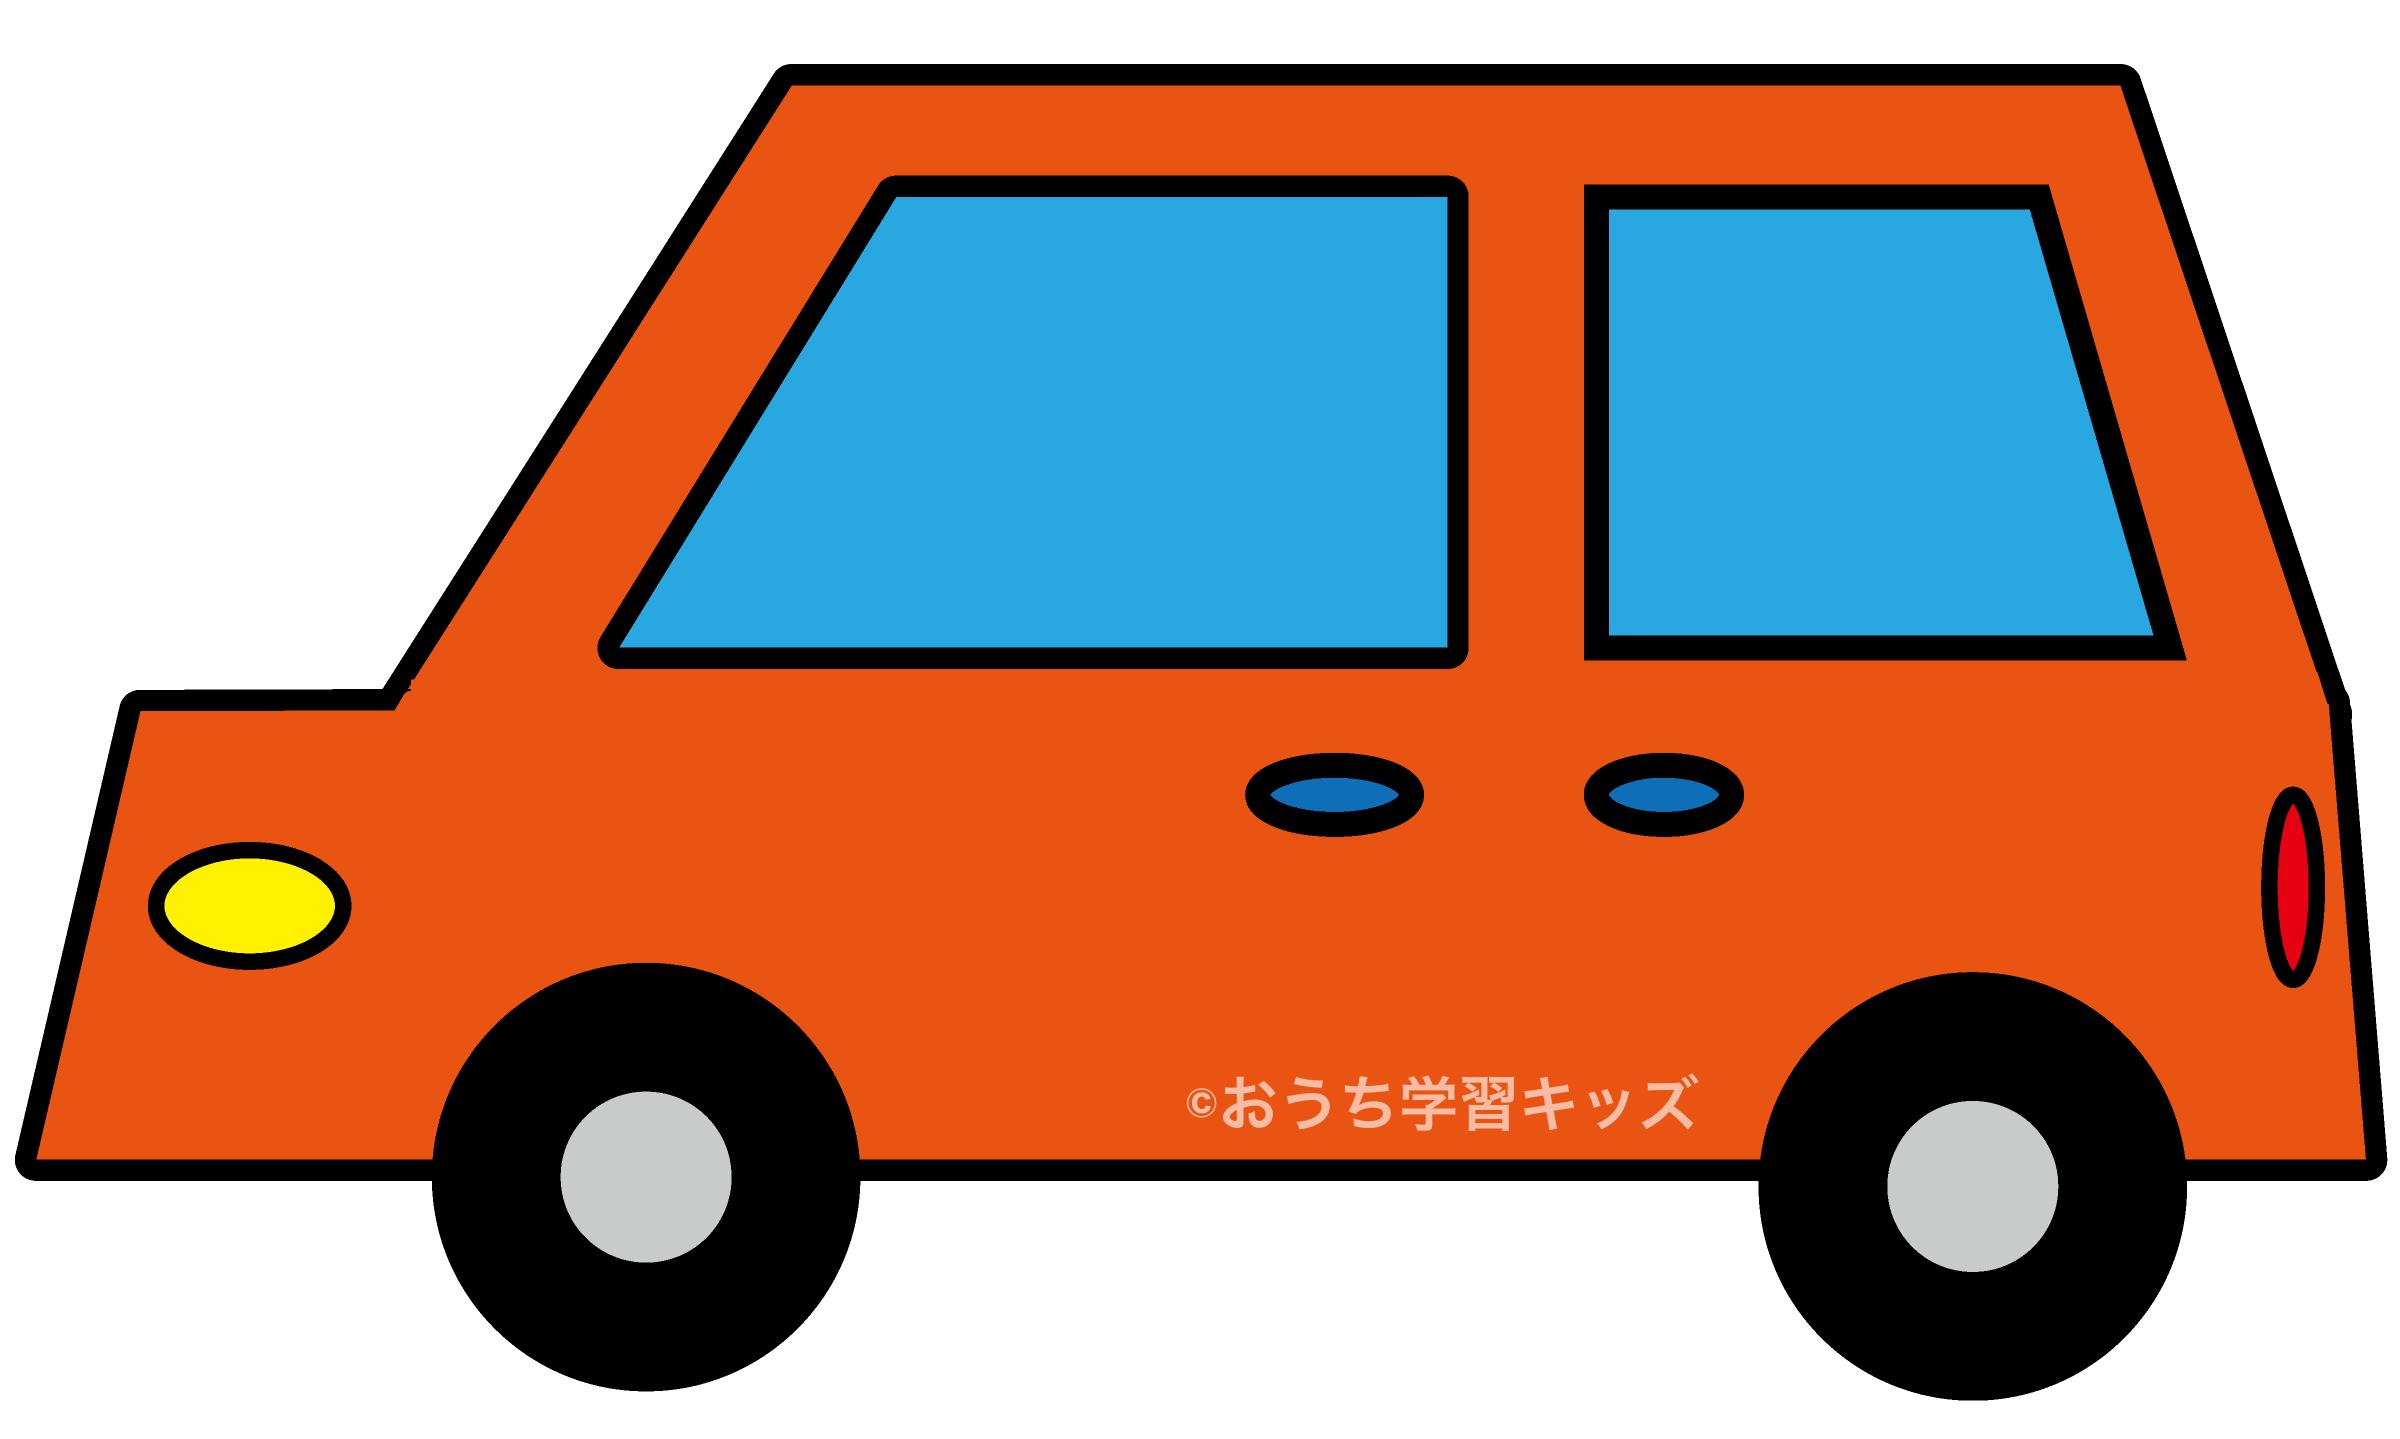 無料ぬりえプリント「車(くるま)」(塗り方一例)